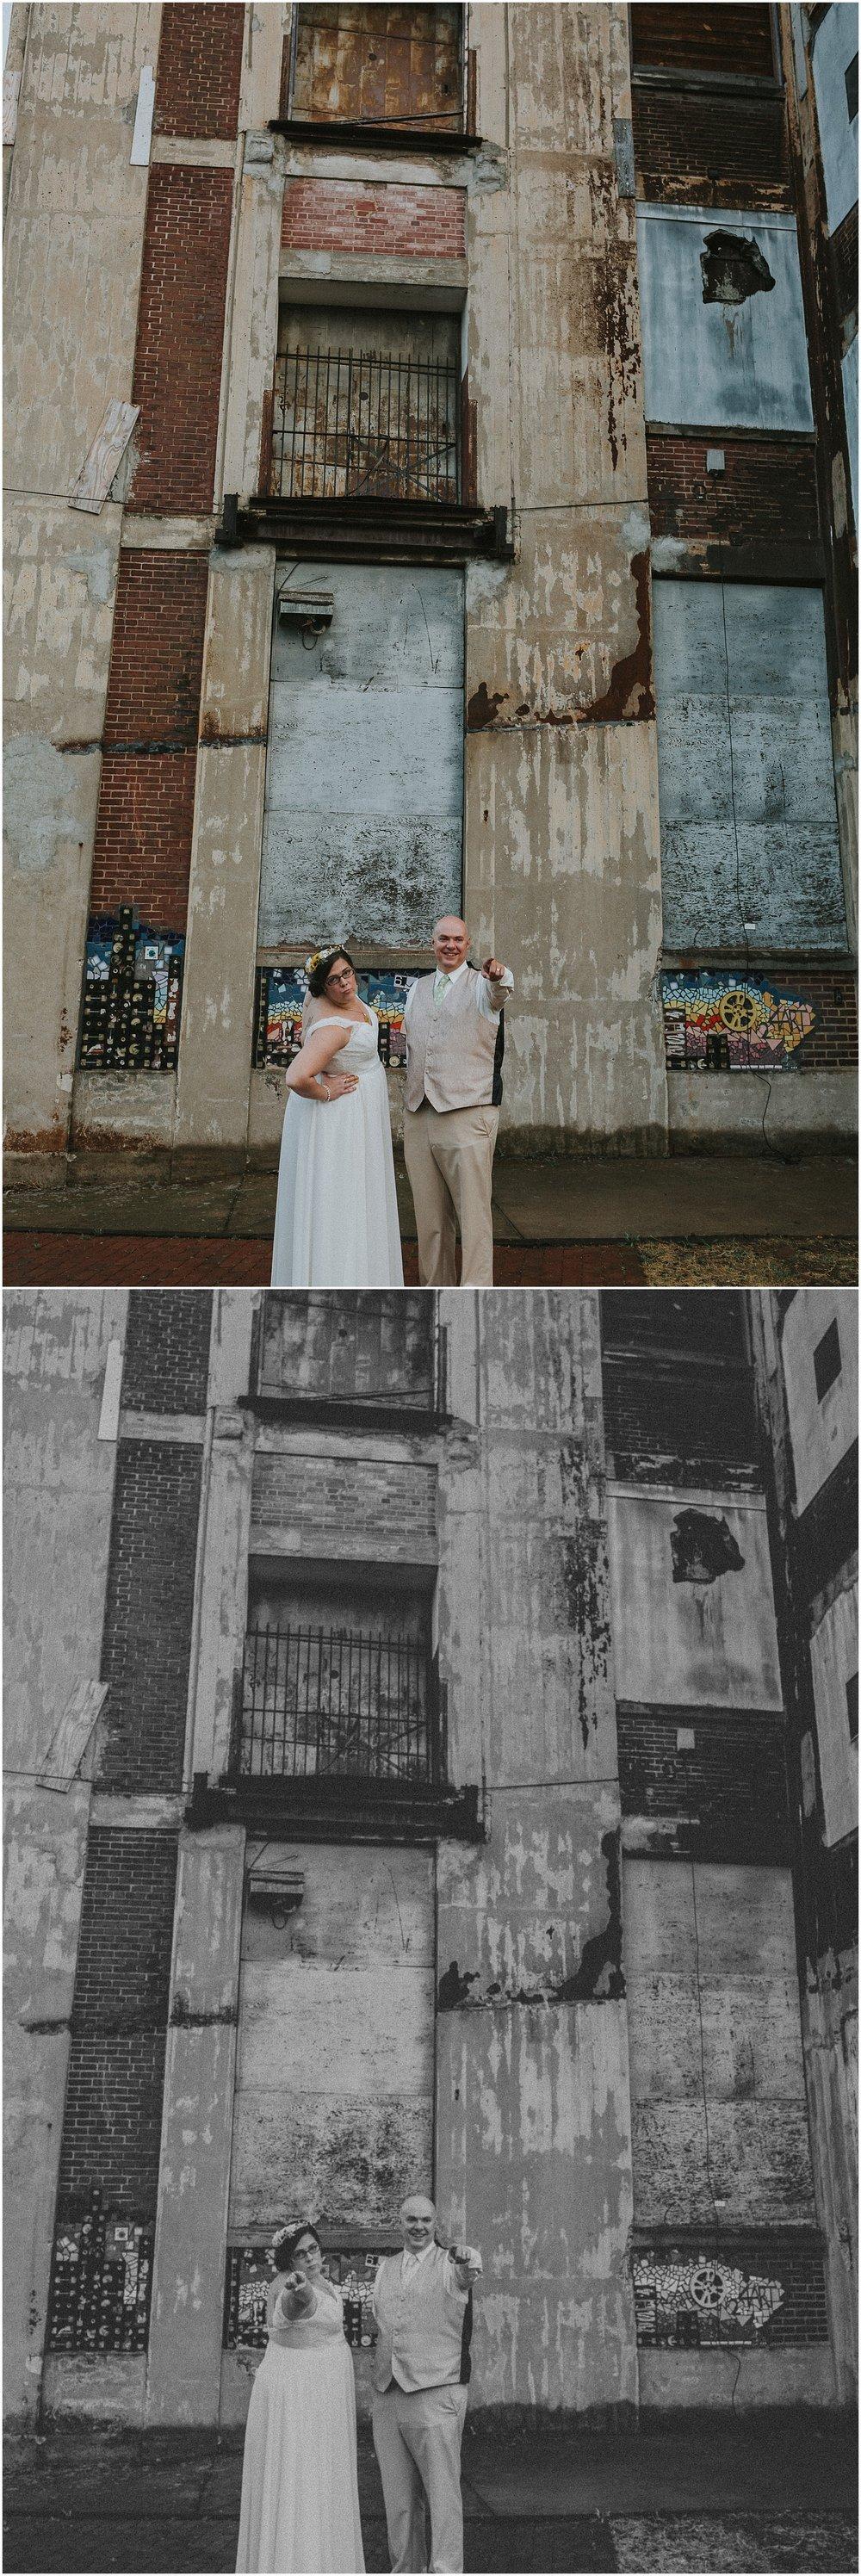 Reading-Pennsylvania-Outdoor-Wedding-DIY-Bride-Groom-Dancing-Laughter-Reception (68).jpg